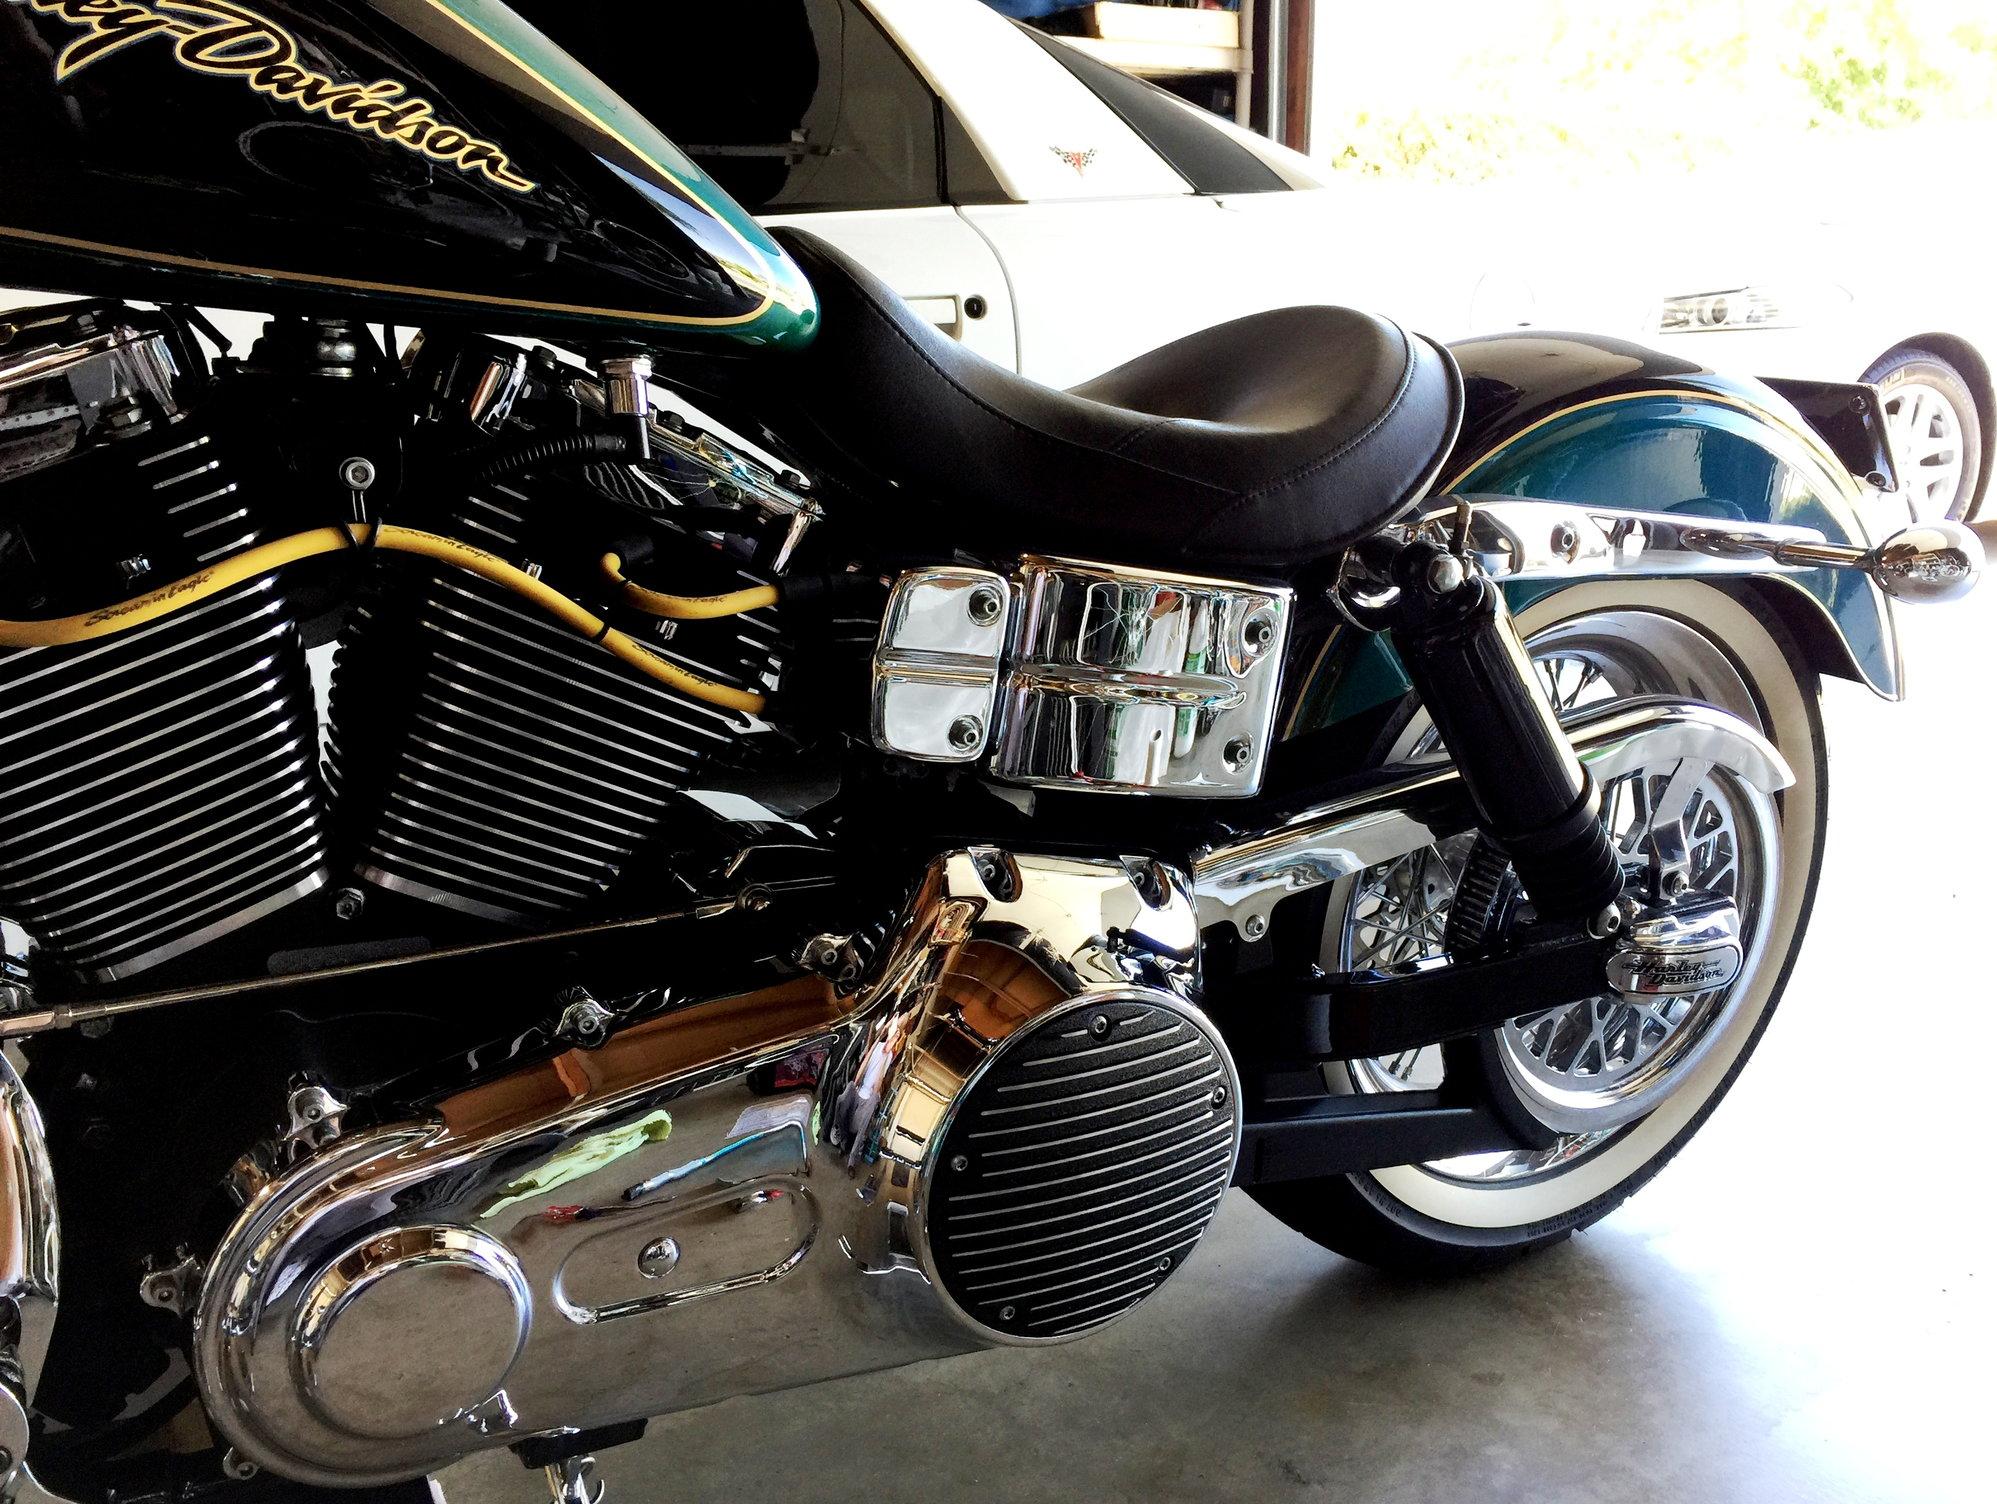 Screamin Eagle 10 mm Spark Plug Wires - Harley Davidson Forums